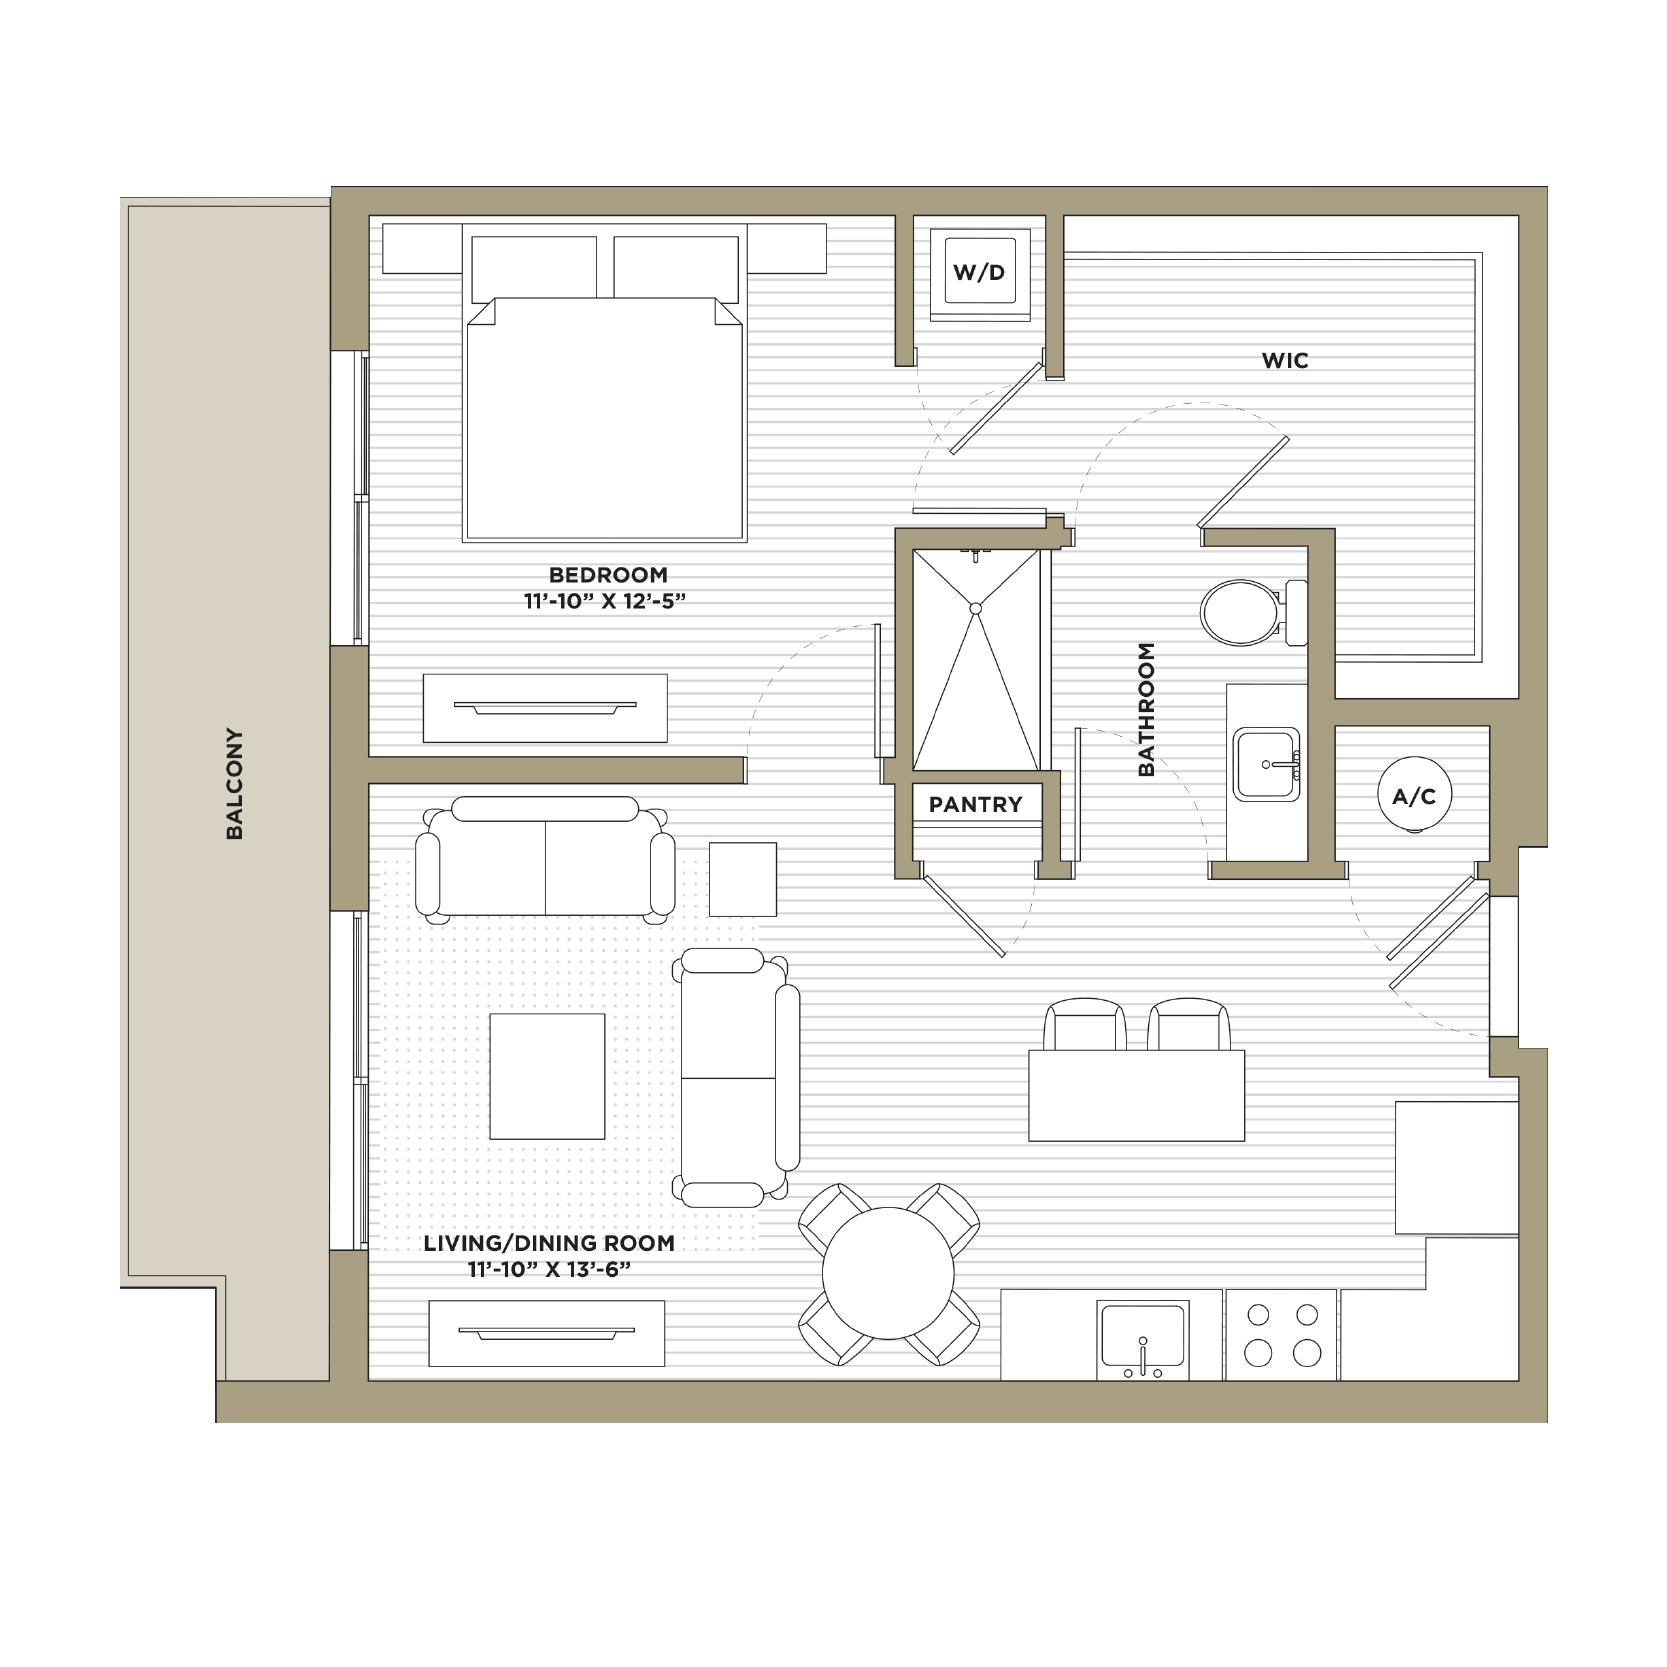 A7A - 1 Bedroom / 1 Bathroom752 sq. ft.